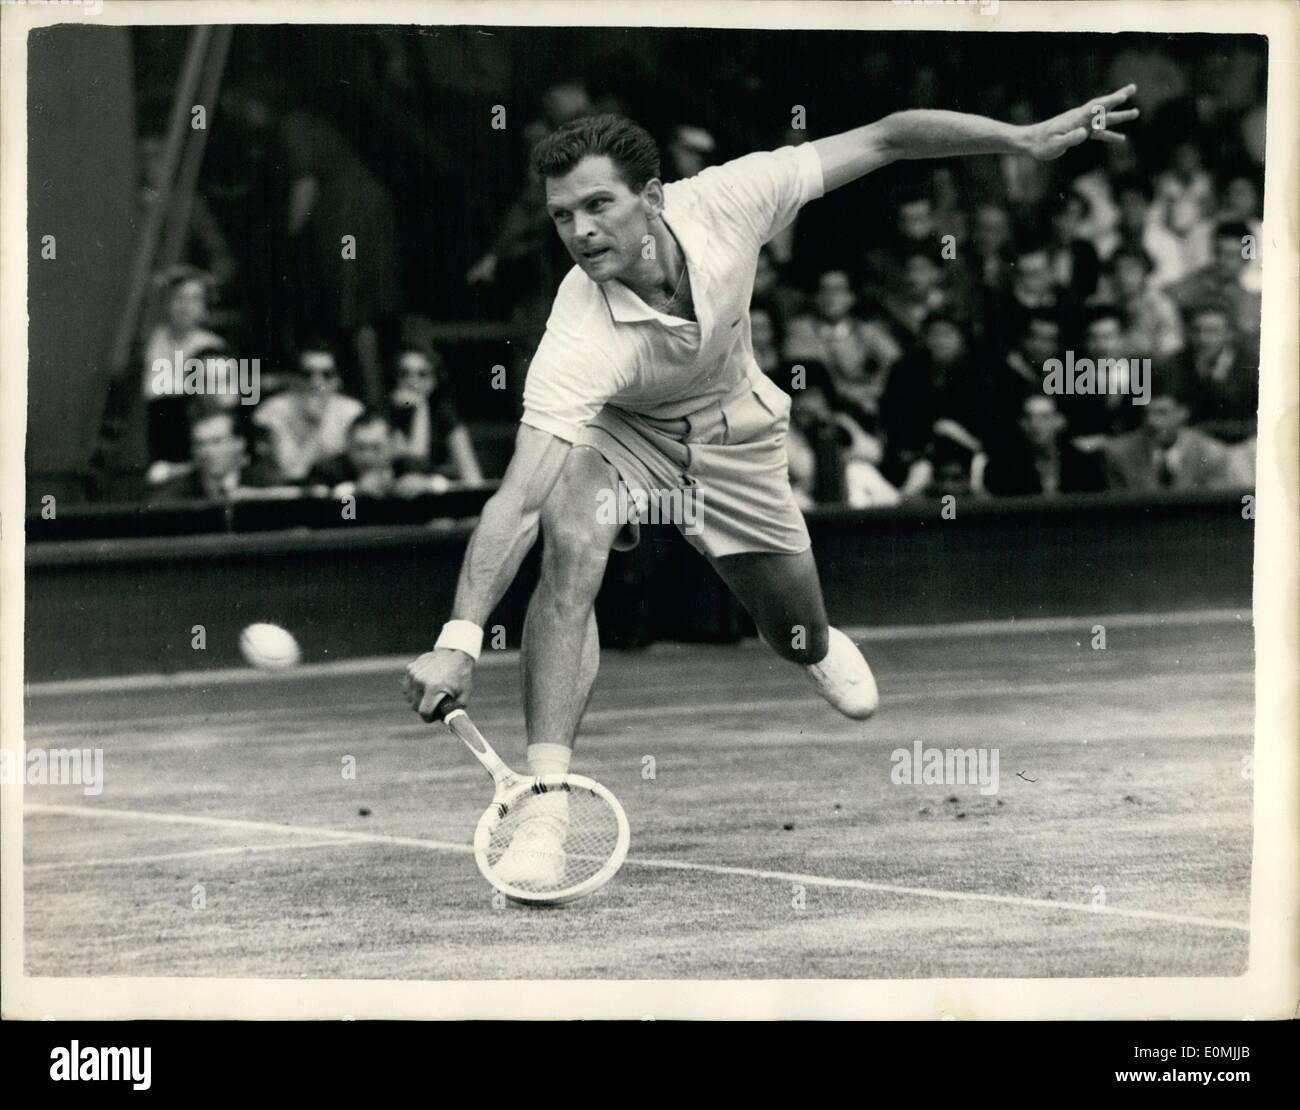 Jun 06 1955 Wimbledon tournament continued Budge Patty beats